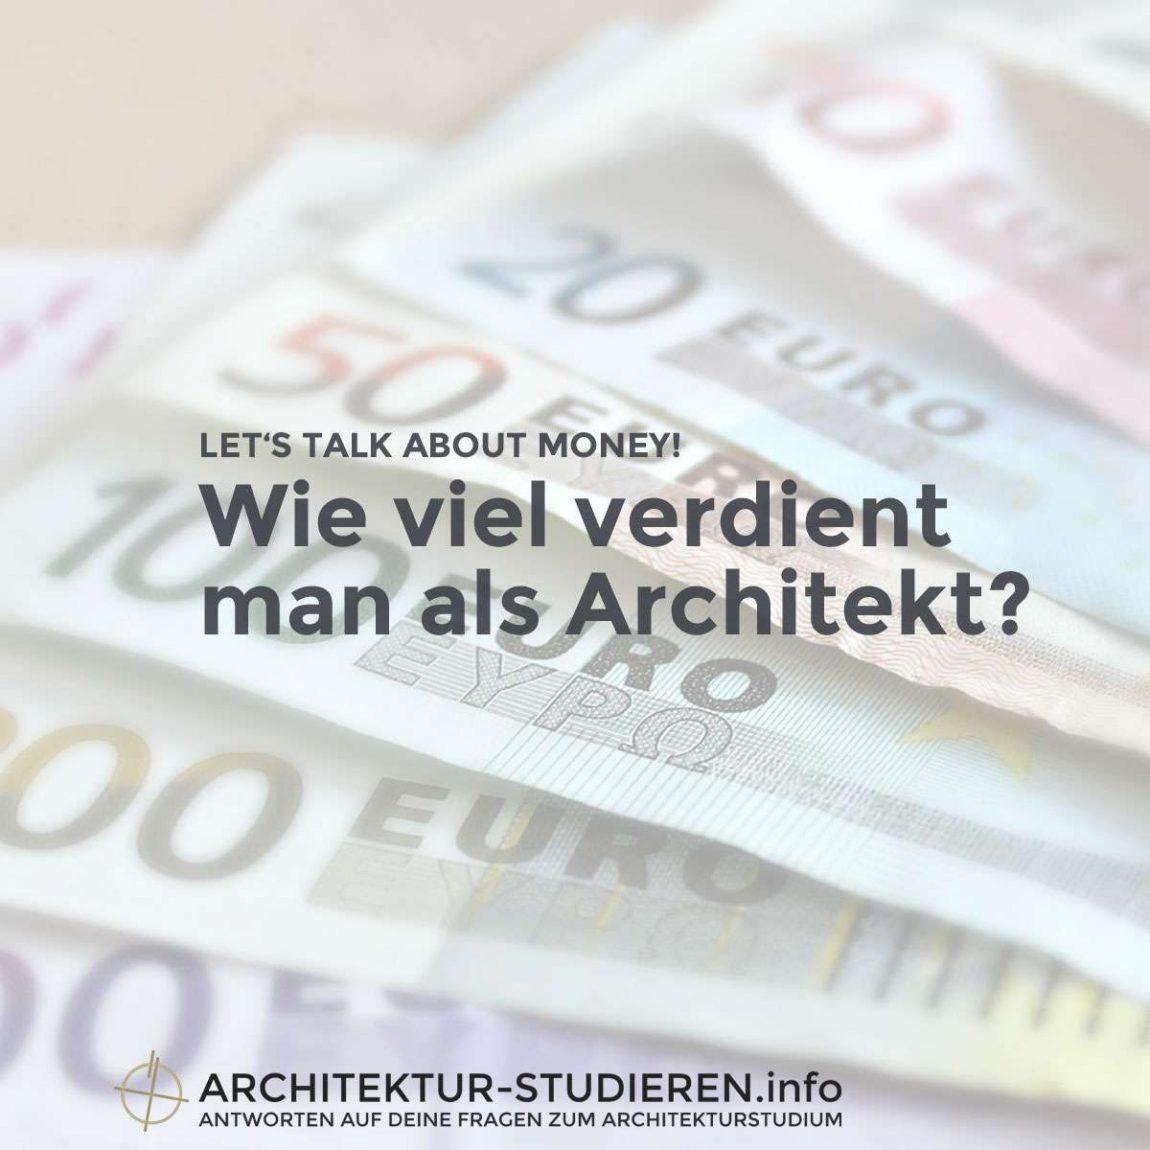 Wie viel verdient man als Architekt / Architektin? | © Architektur-studieren.info